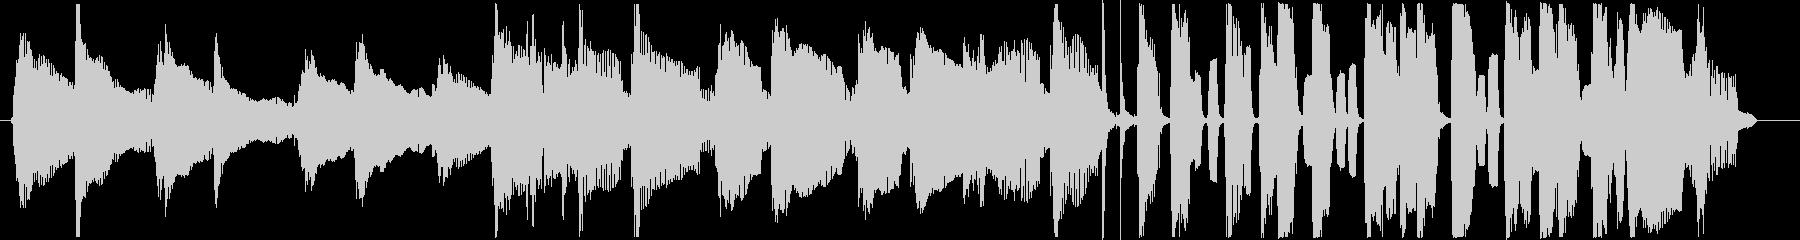 アコギとハーモニカの可愛らしいBGMの未再生の波形